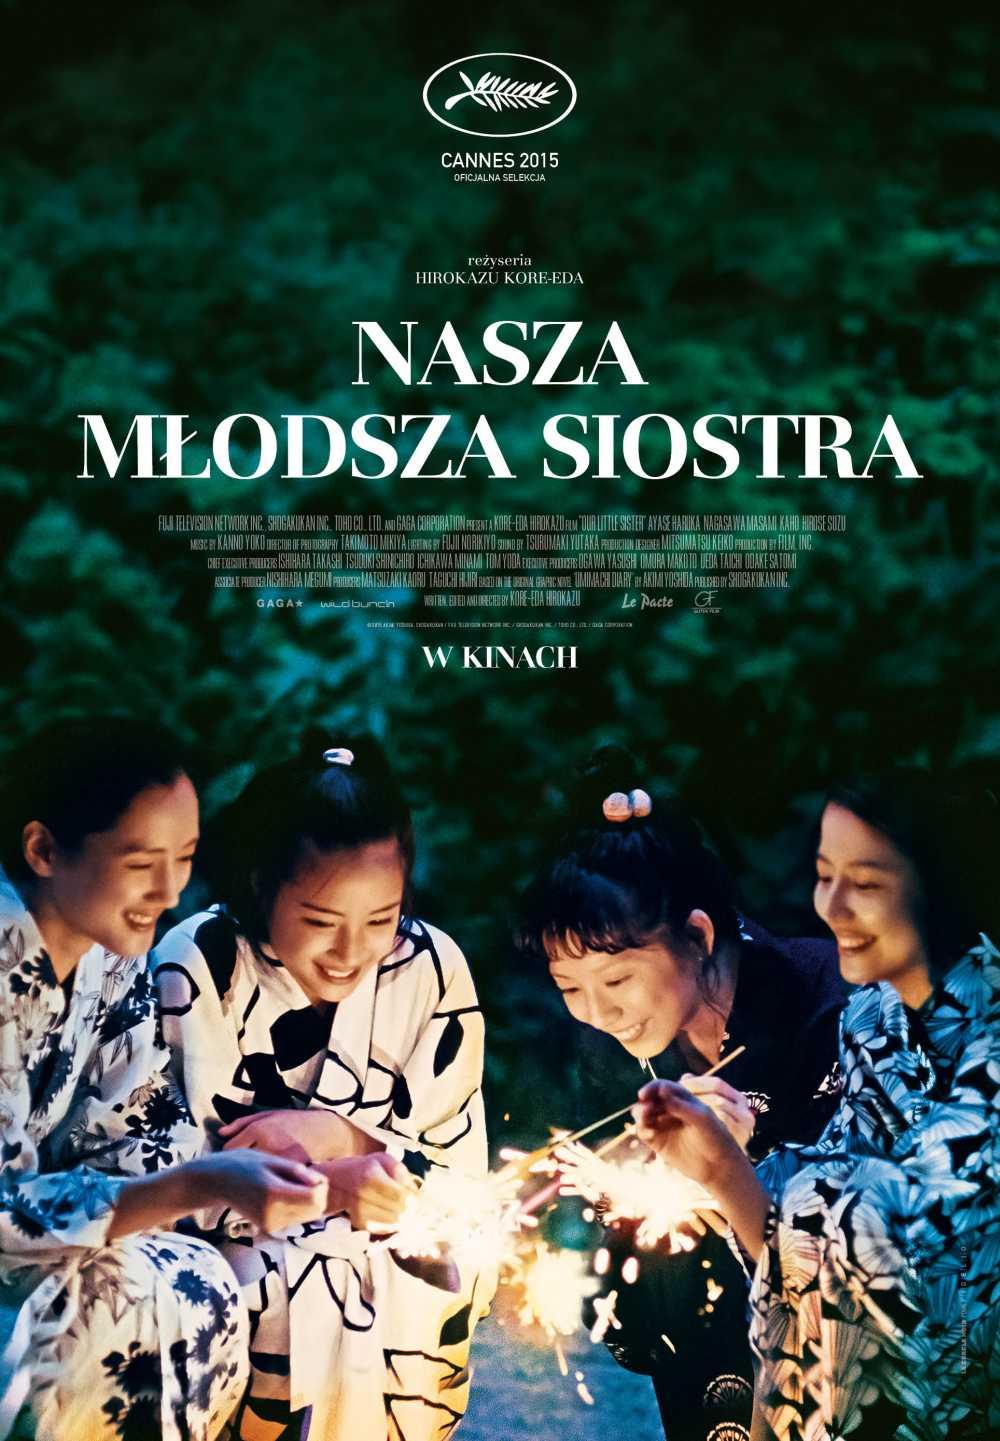 """""""Nasza młodsza siostra"""", reż. Hirokazu Kore-eda – plakat (źródło: materiały prasowe organizatora)"""